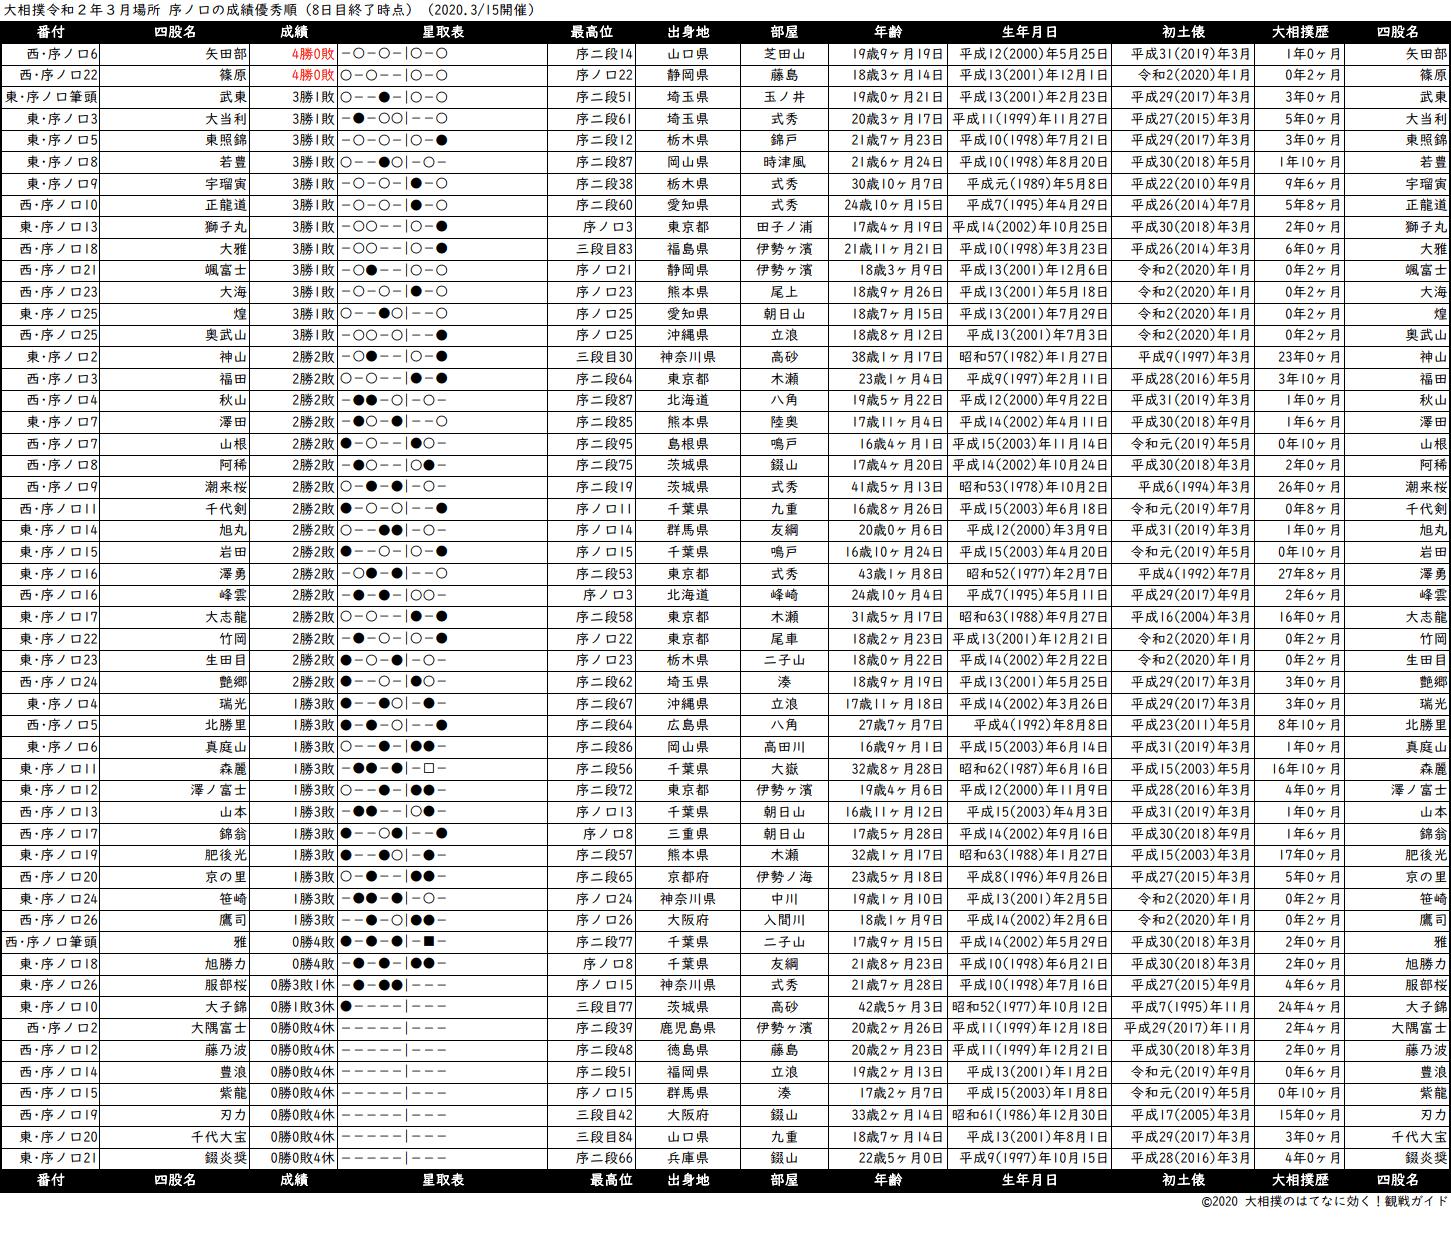 序ノ口成績順一覧表・2020年3月場所8日目